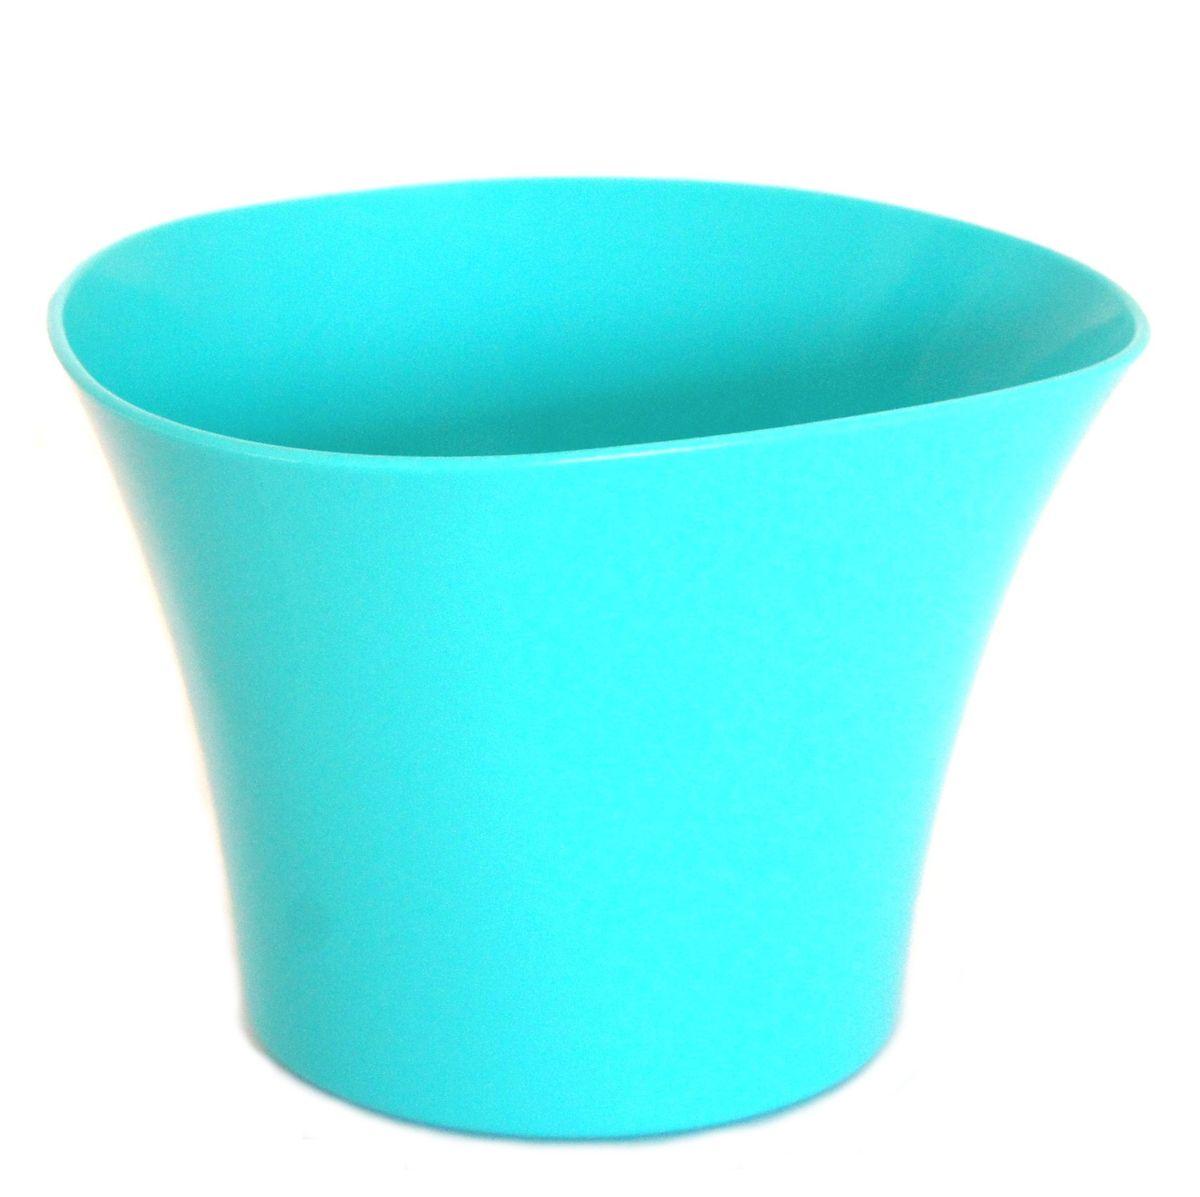 Кашпо JetPlast Волна, цвет: бирюзовый, 600 мл5905907204603Кашпо Волна имеет уникальную форму, сочетающуюся как с классическим, так и с современным дизайном интерьера. Оно изготовлено из прочного полипропилена (пластика) и предназначено для выращивания растений, цветов и трав в домашних условиях. Такое кашпо порадует вас функциональностью, а благодаря лаконичному дизайну впишется в любой интерьер помещения. Объем кашпо: 600 мл.